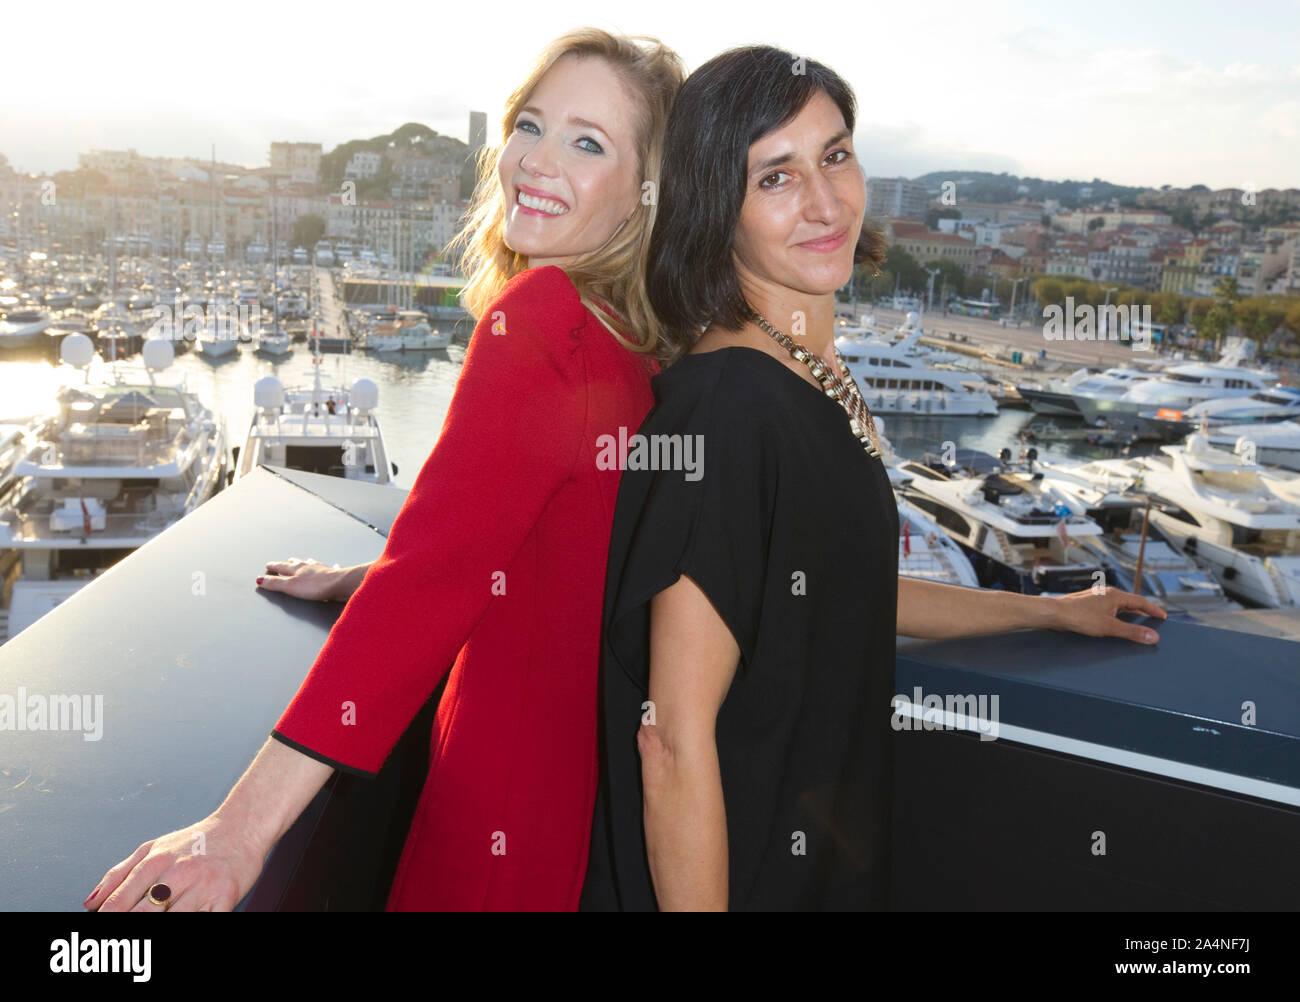 Cannes, Frankreich - Oktober 15, 2019: MIPCOM - der Welt Entertainment Content Markt mit der Besetzung der Würde, der deutschen Acresses Julieta Figueroa, Martina Klier, Joyn, ein Reed MIDEM Event, Fernsehen Messe Stockfoto